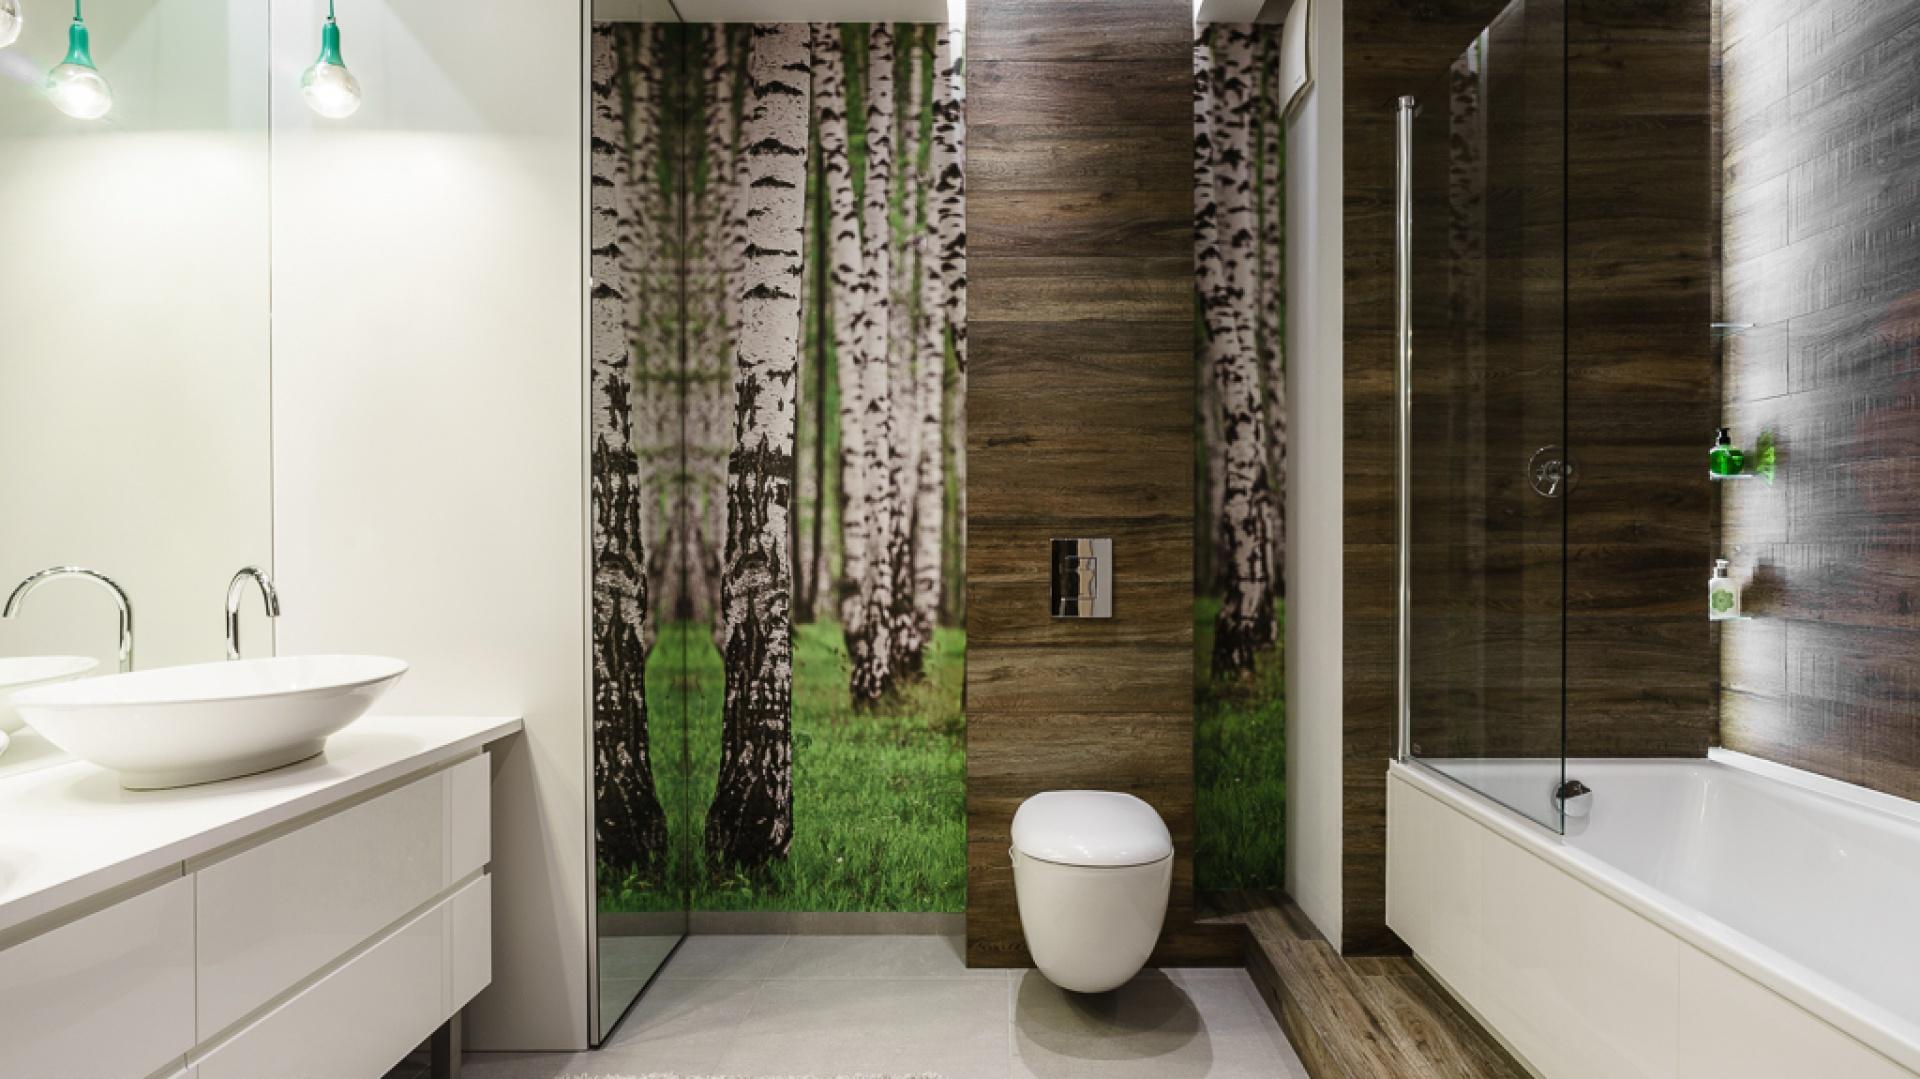 Obudowa stelaża wc pokryta drewnianą okleiną harmonizuje z leśną fototapetą. Projekt: Joanna Morkowska-Saj. Fot. Bartosz Jarosz